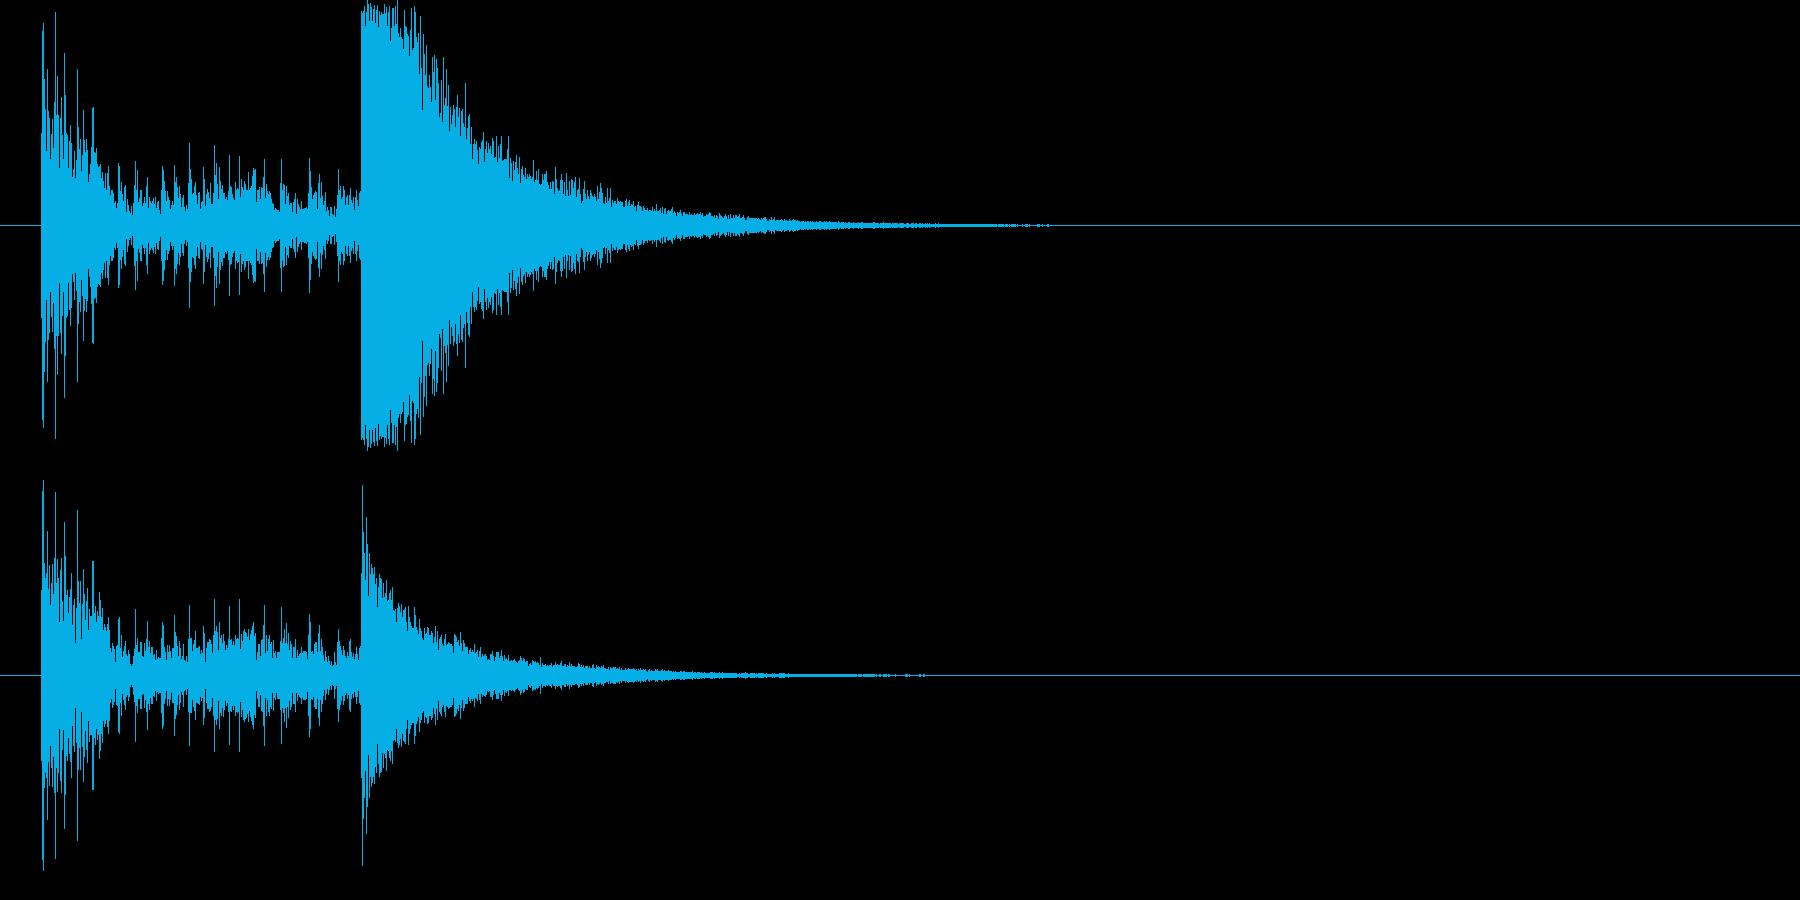 結果発表ドコドコ・ロール2秒シンバル有の再生済みの波形